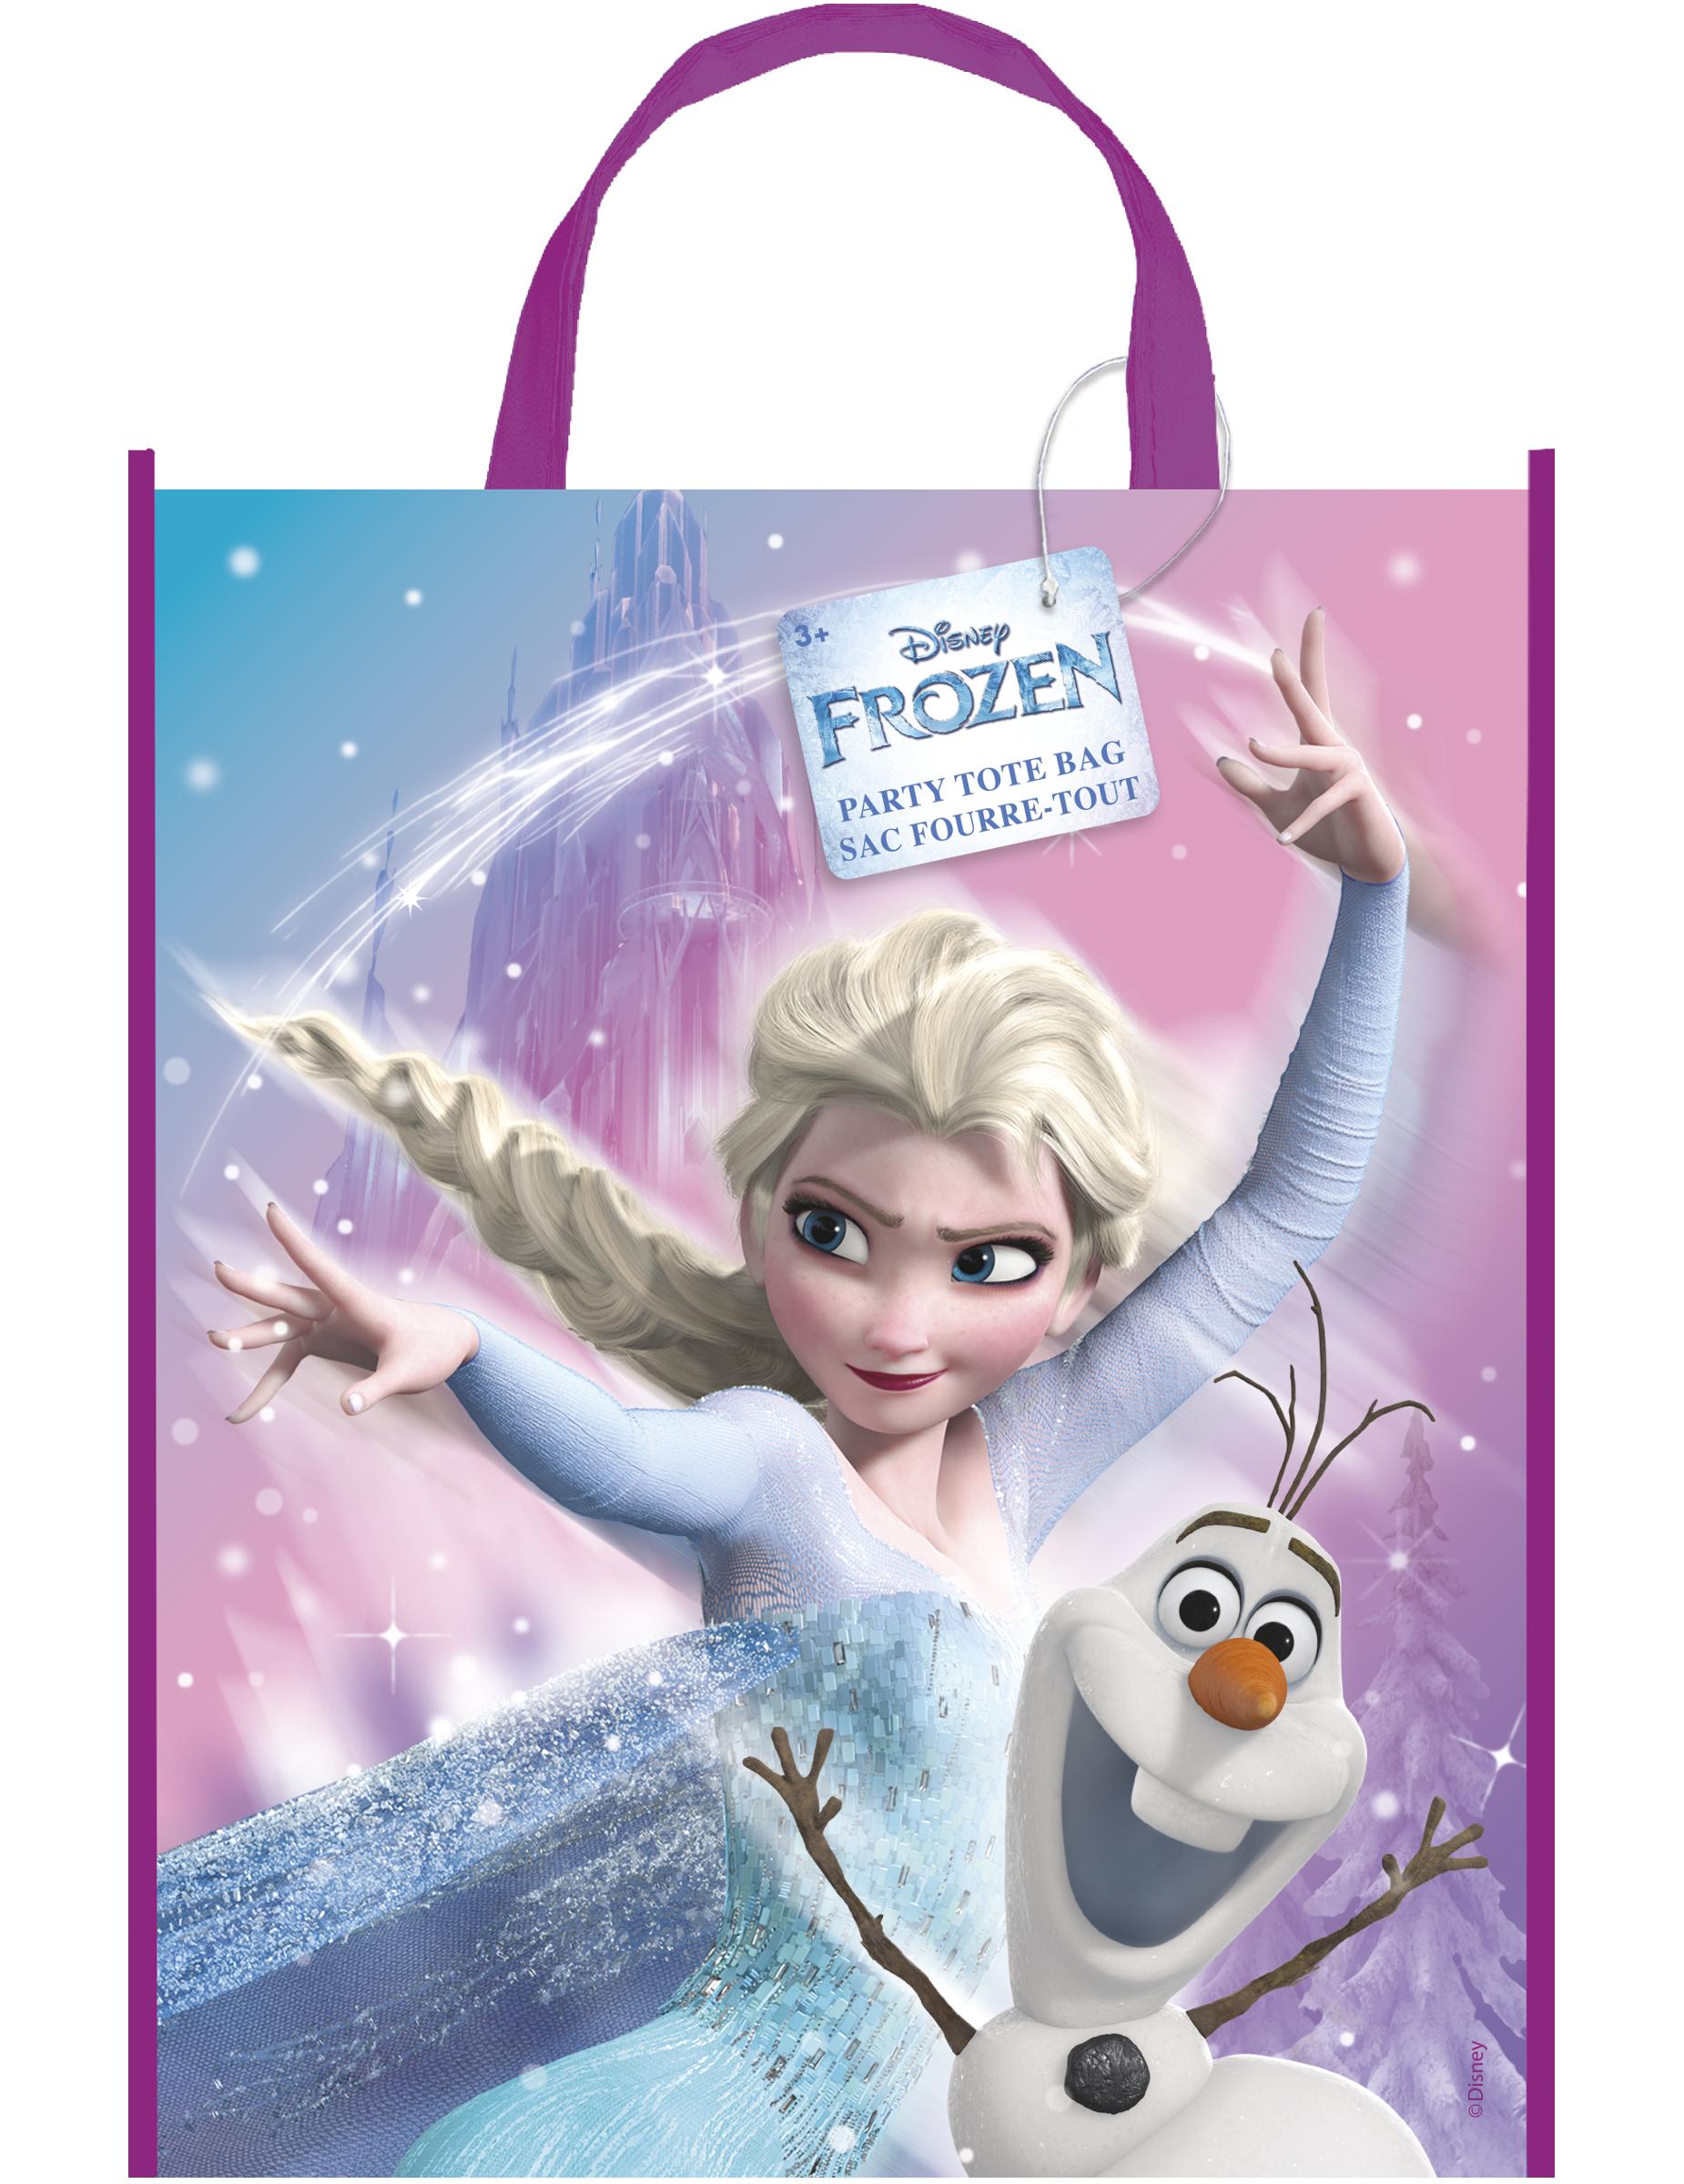 Frozen Y X Plástico 33 Cm 27 Regalo Elsa Olaf™ Bolsa 0XnOP8kw